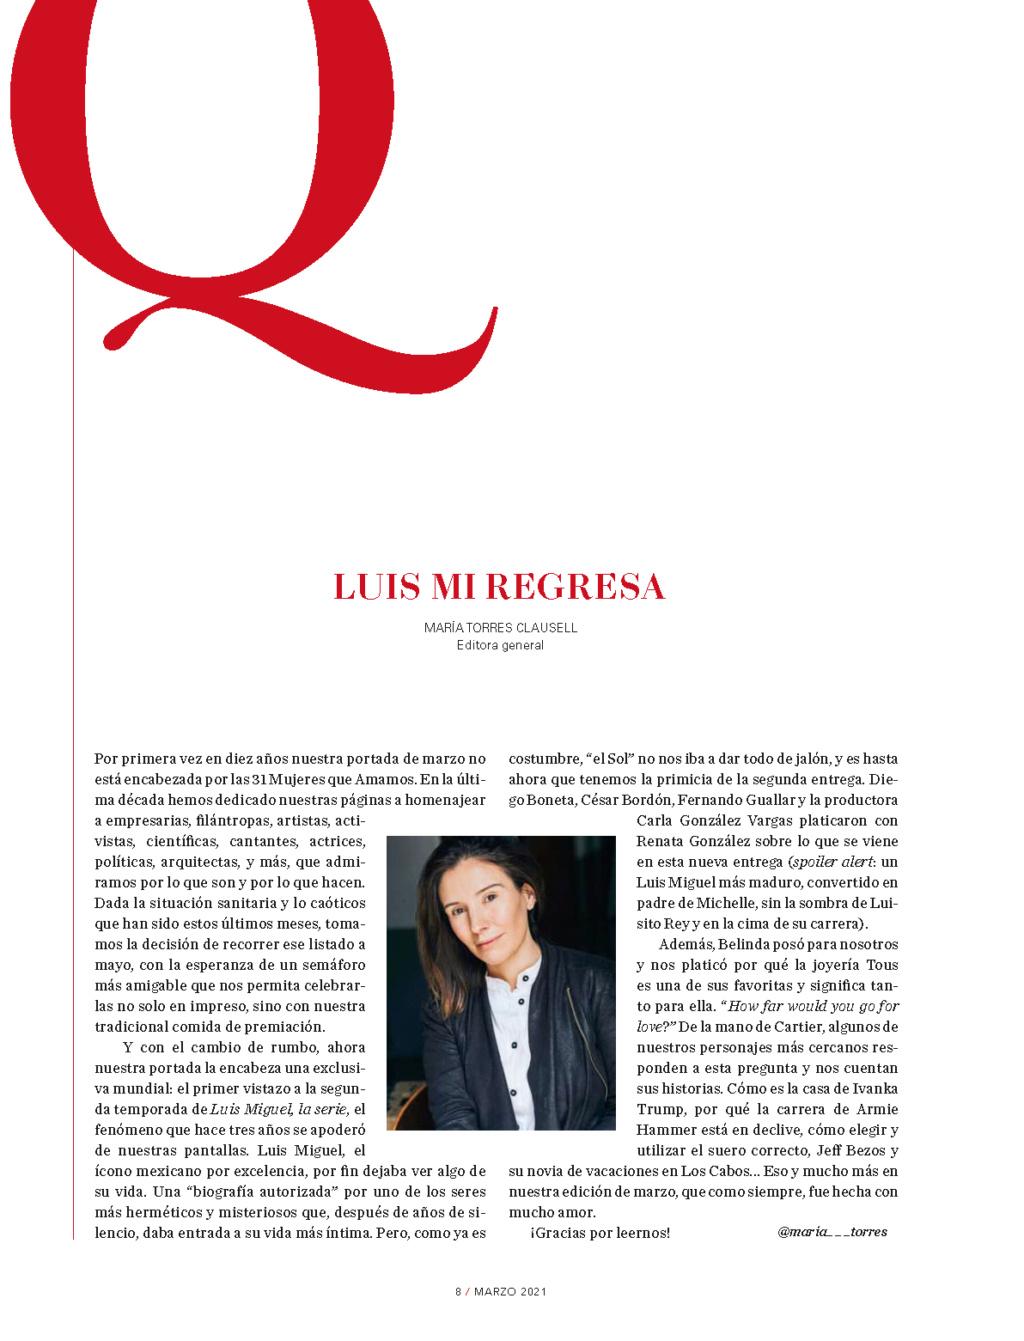 Quién nos cuenta casi todo sobre la segunda temporada de la serie de Luis Miguel Quien-13